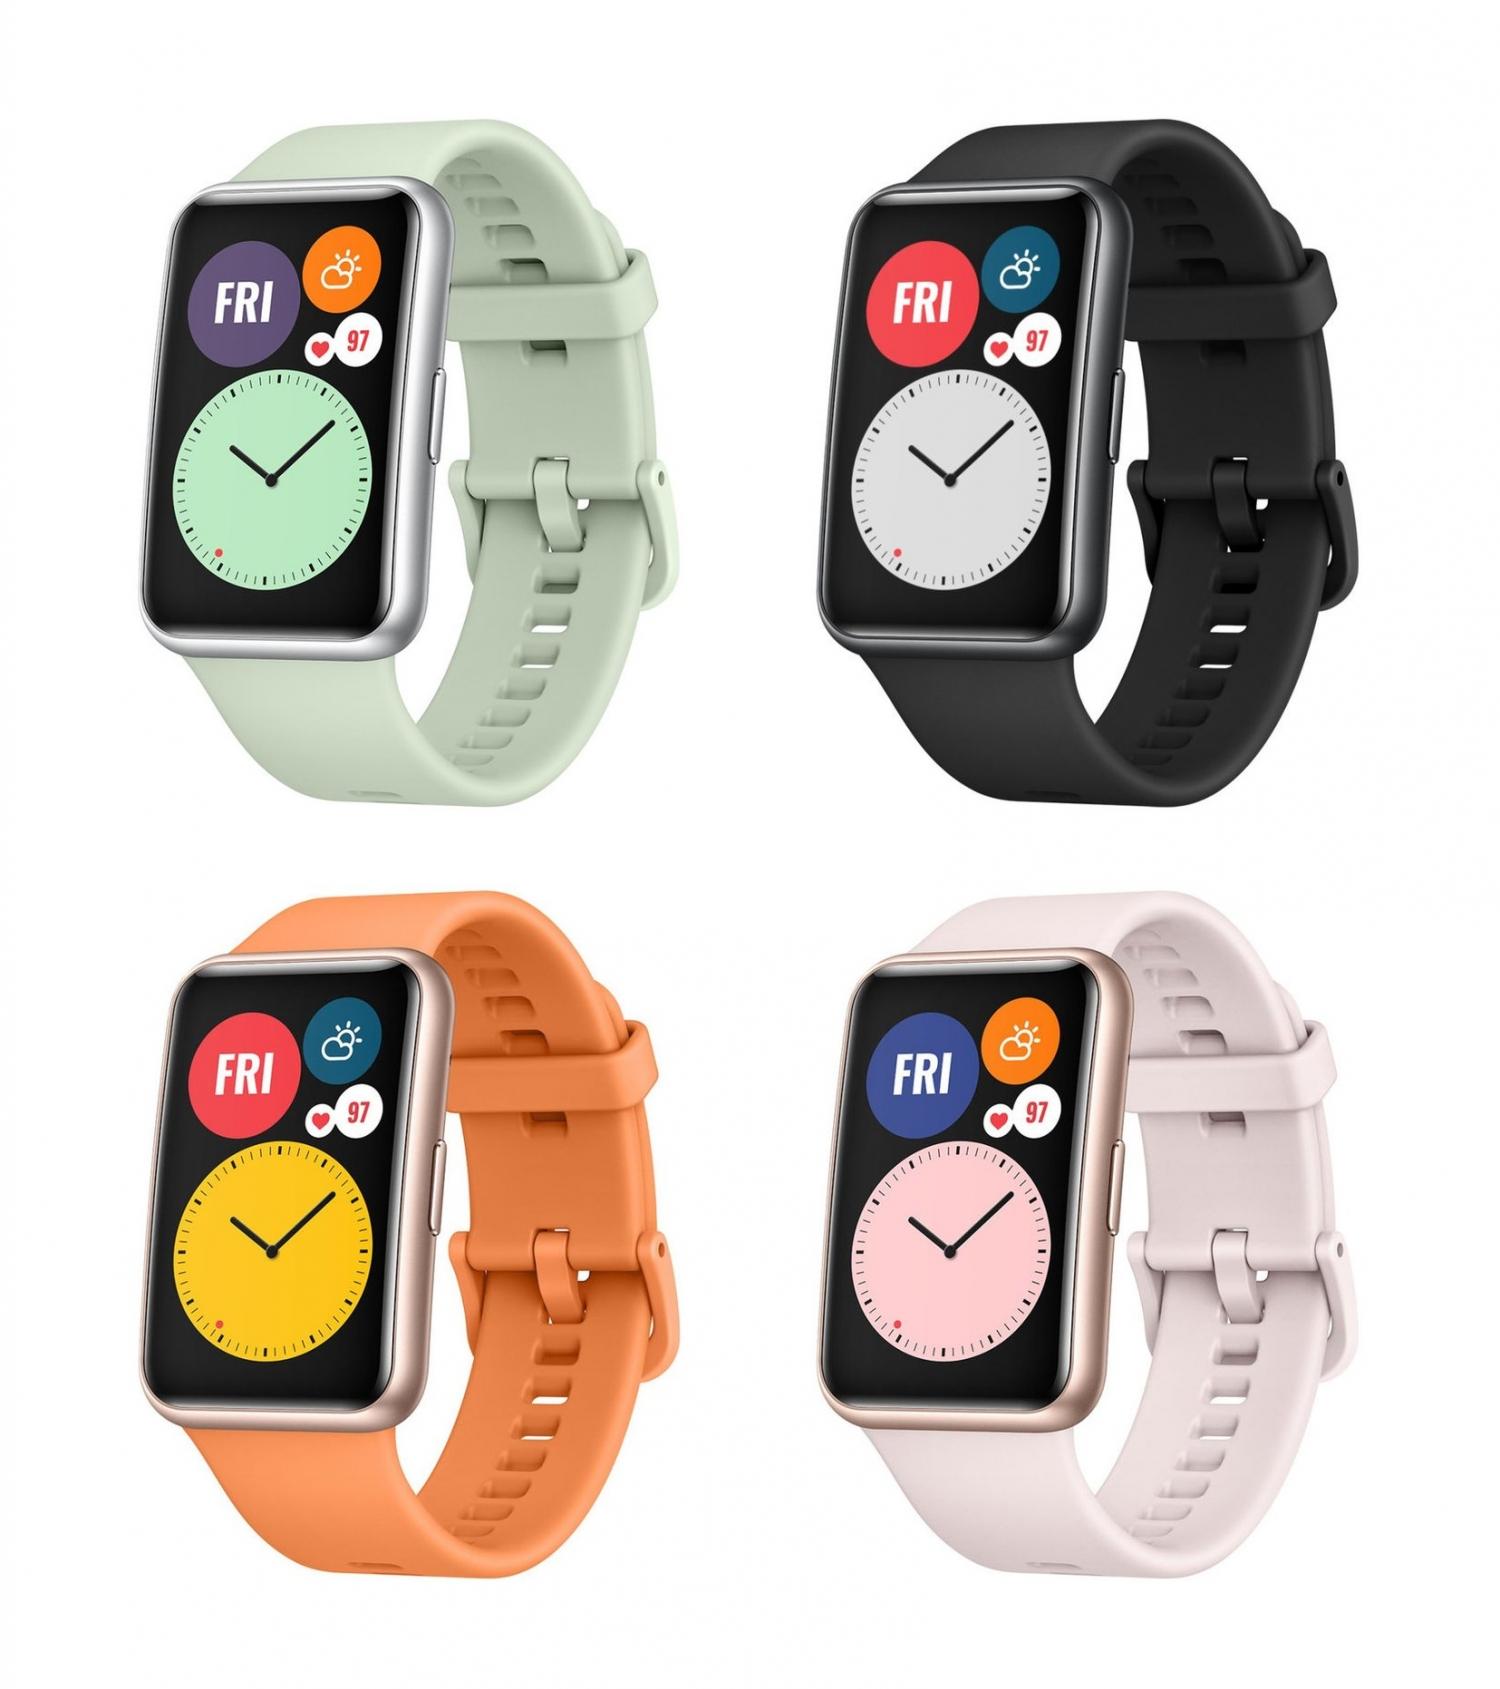 Официальные рендеры часов Huawei Watch Fit4